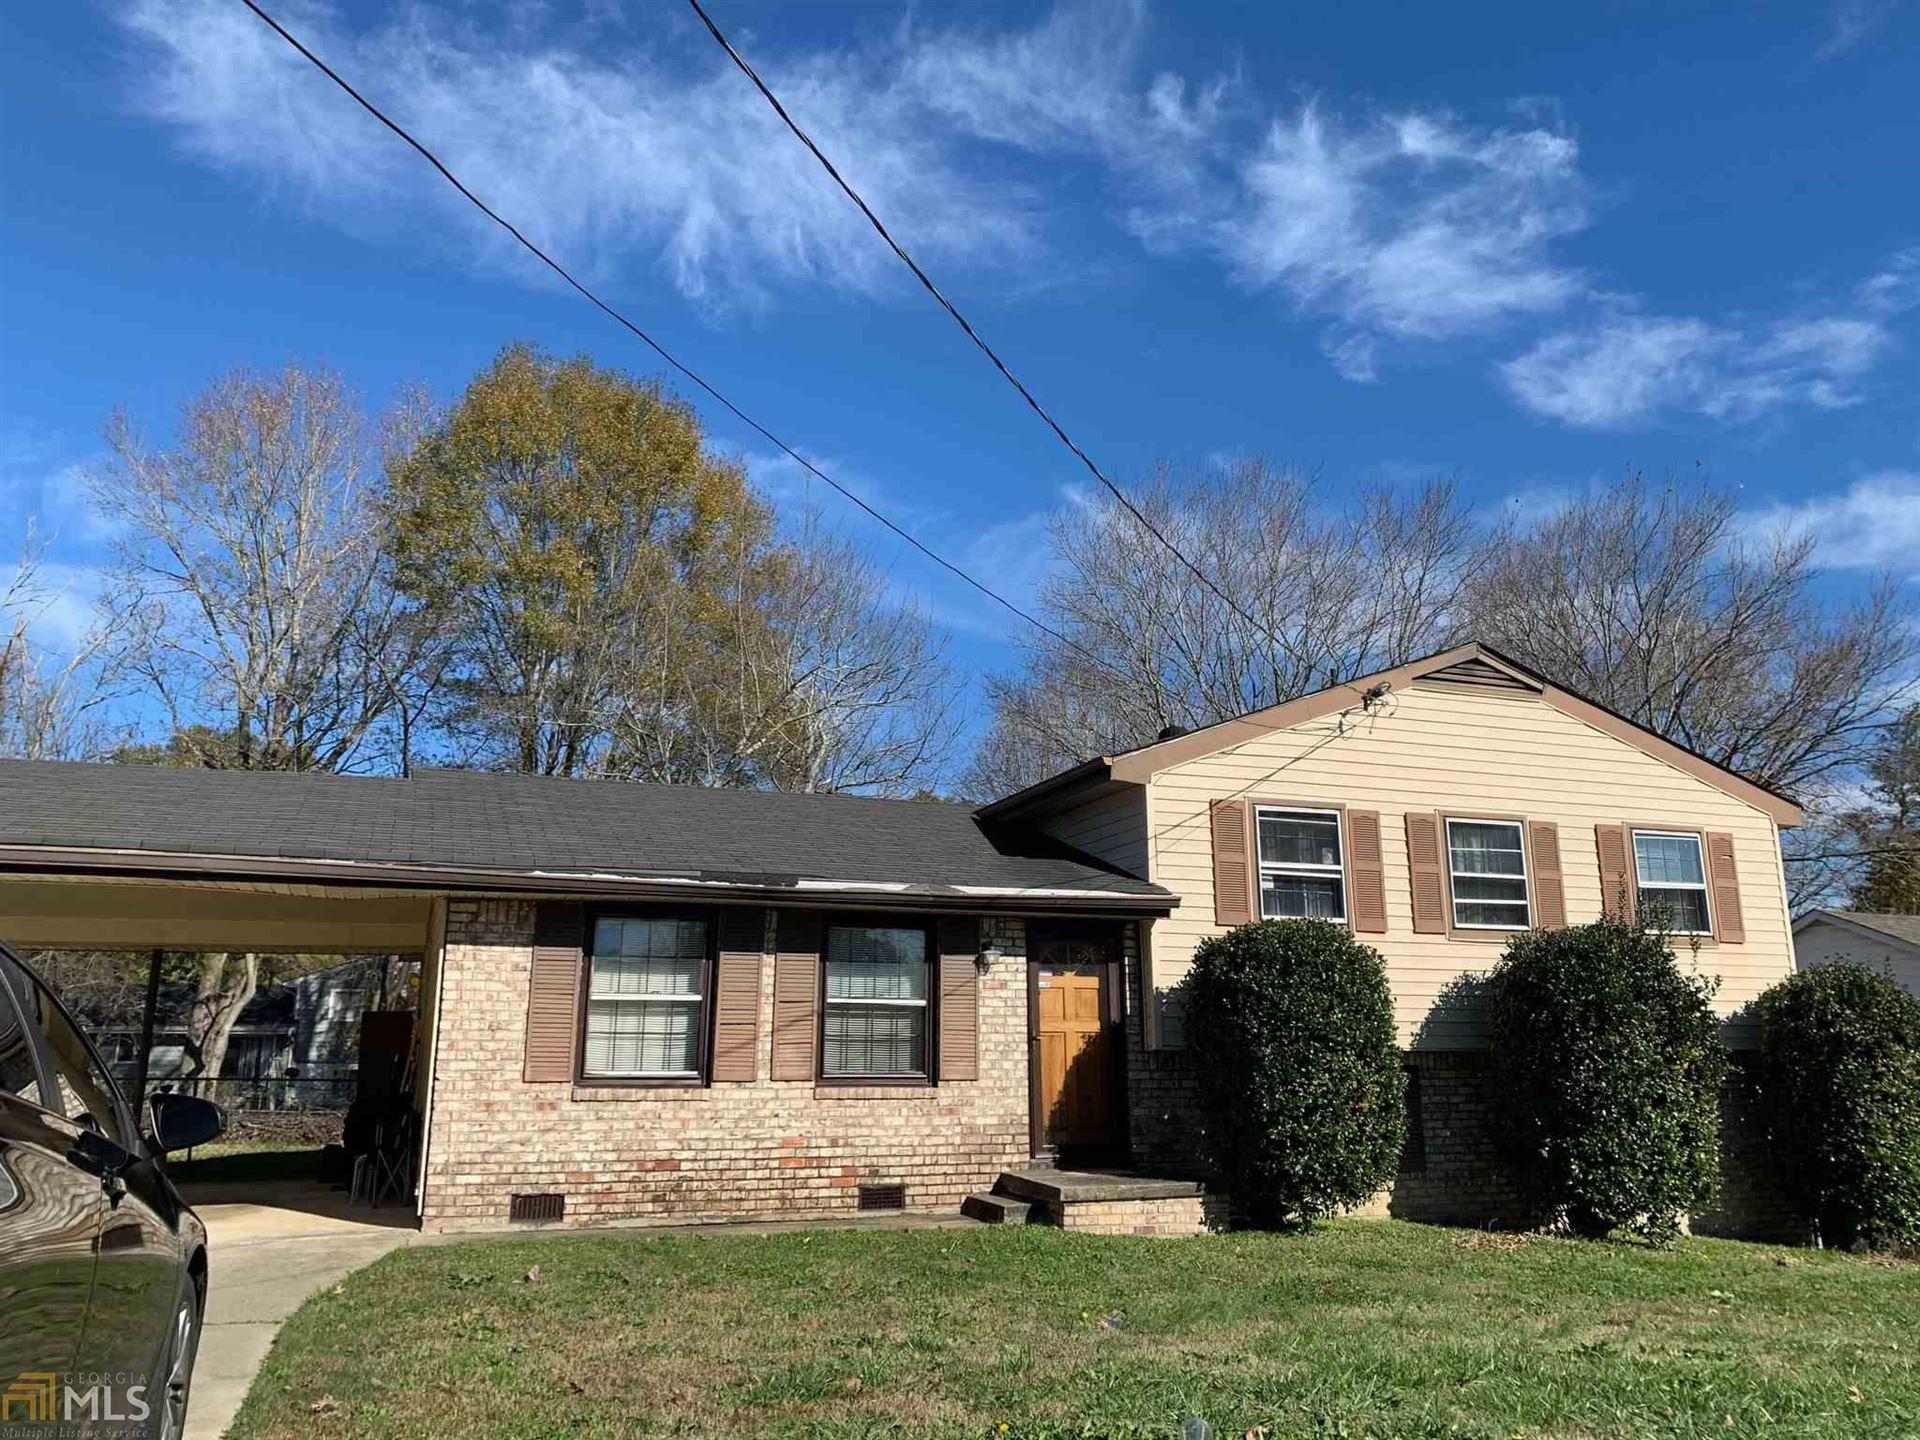 2428 Rex Rd, Ellenwood, GA 30294 - MLS#: 8896557